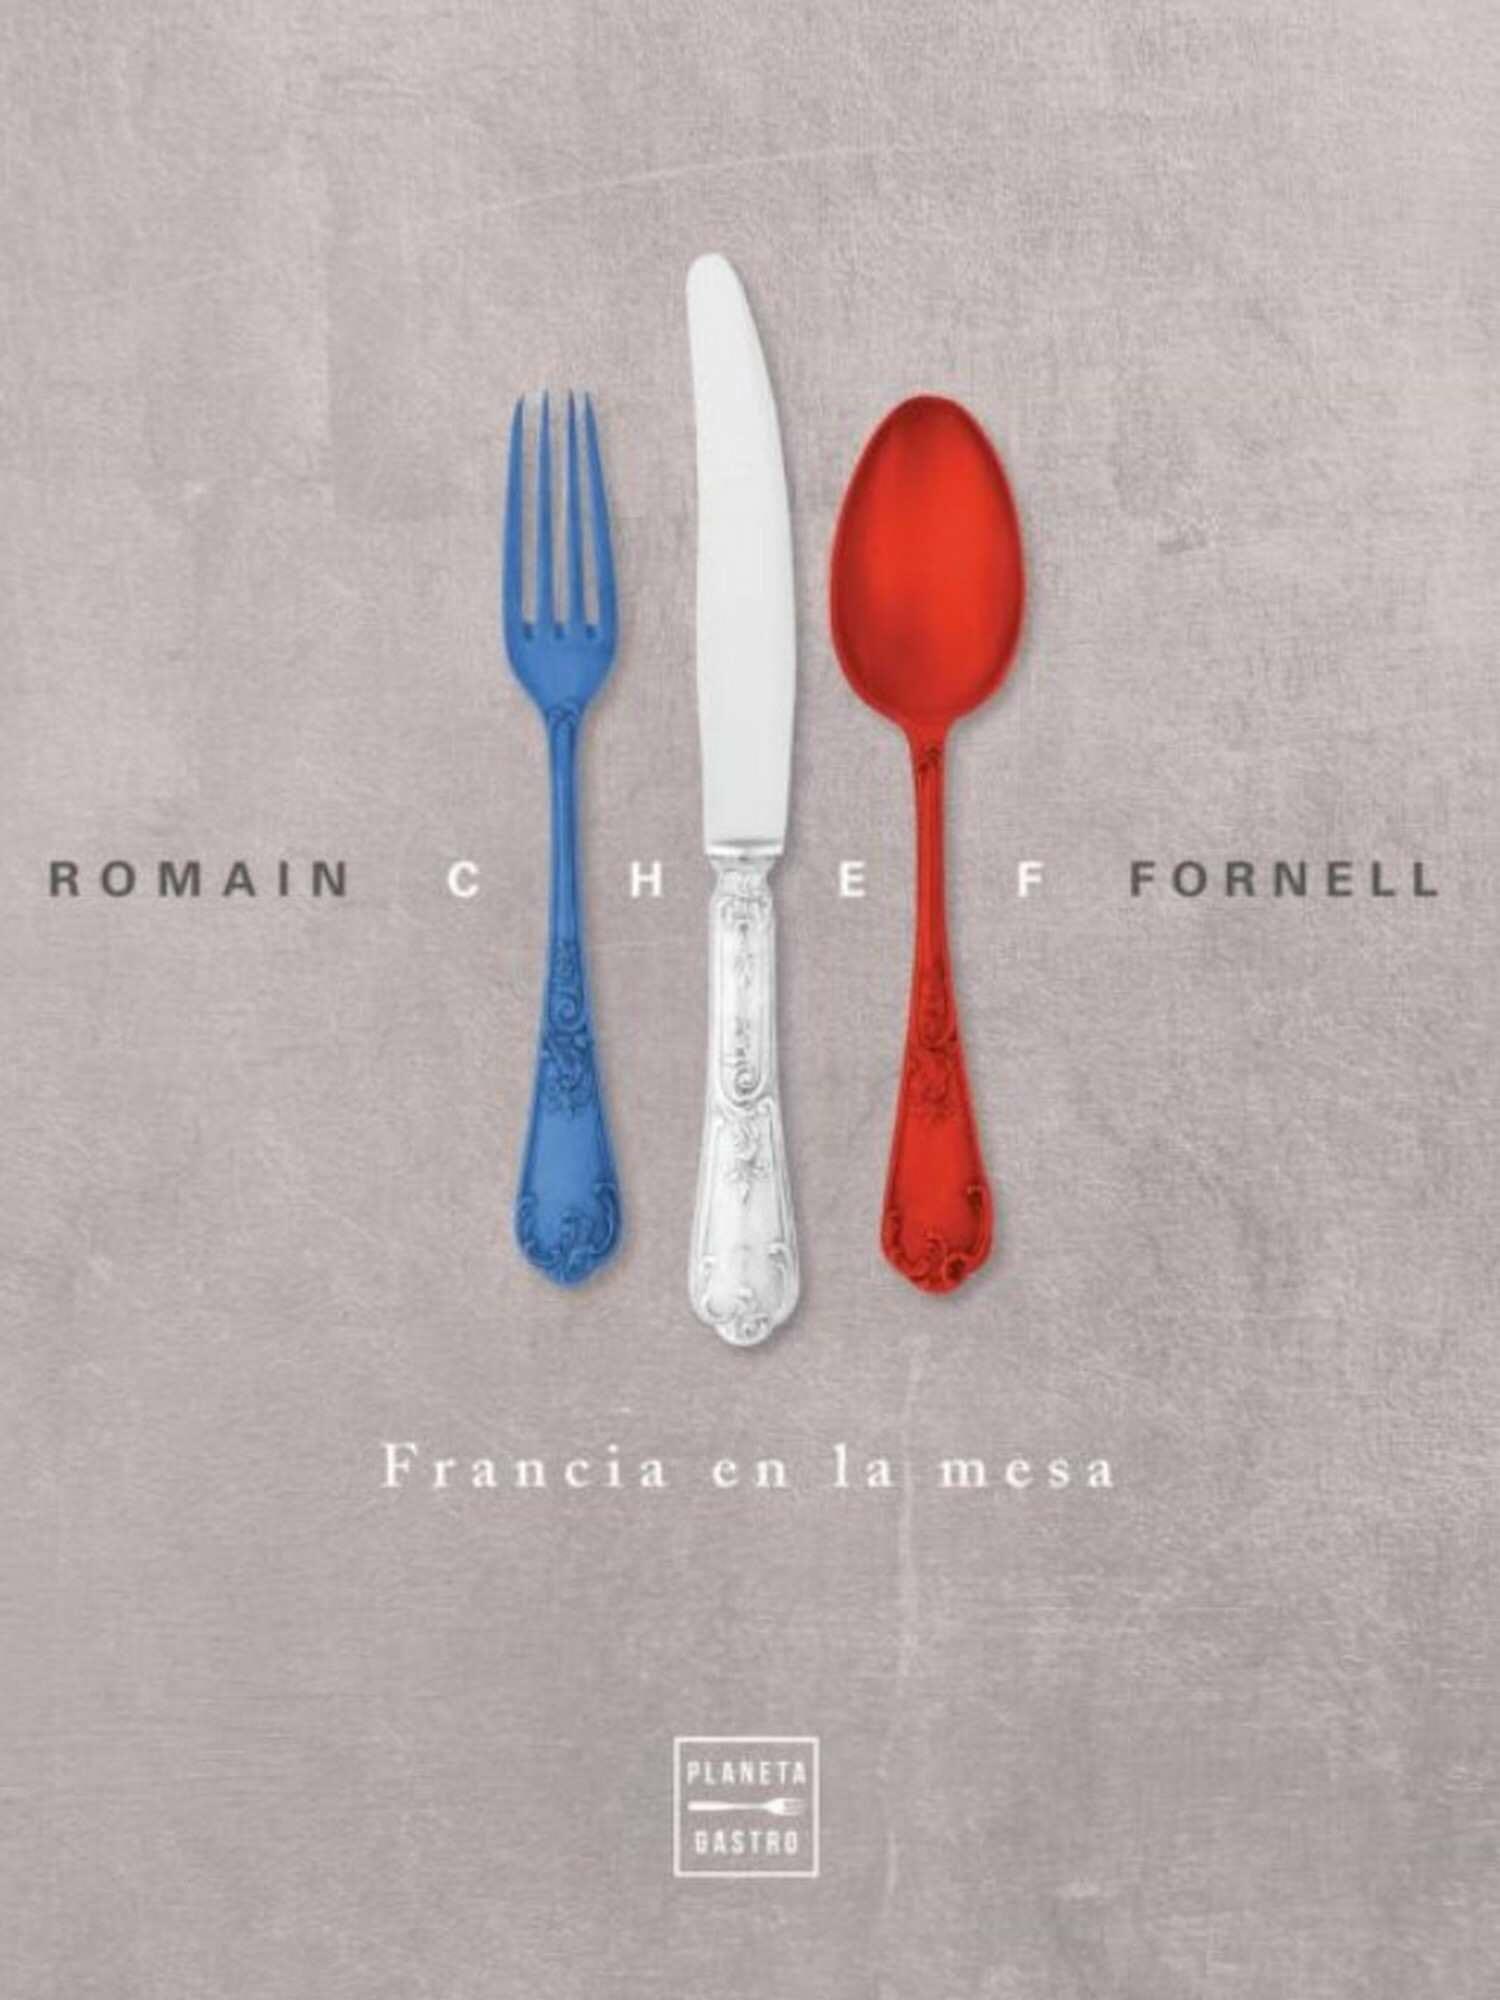 Chef, de Romain Fornell